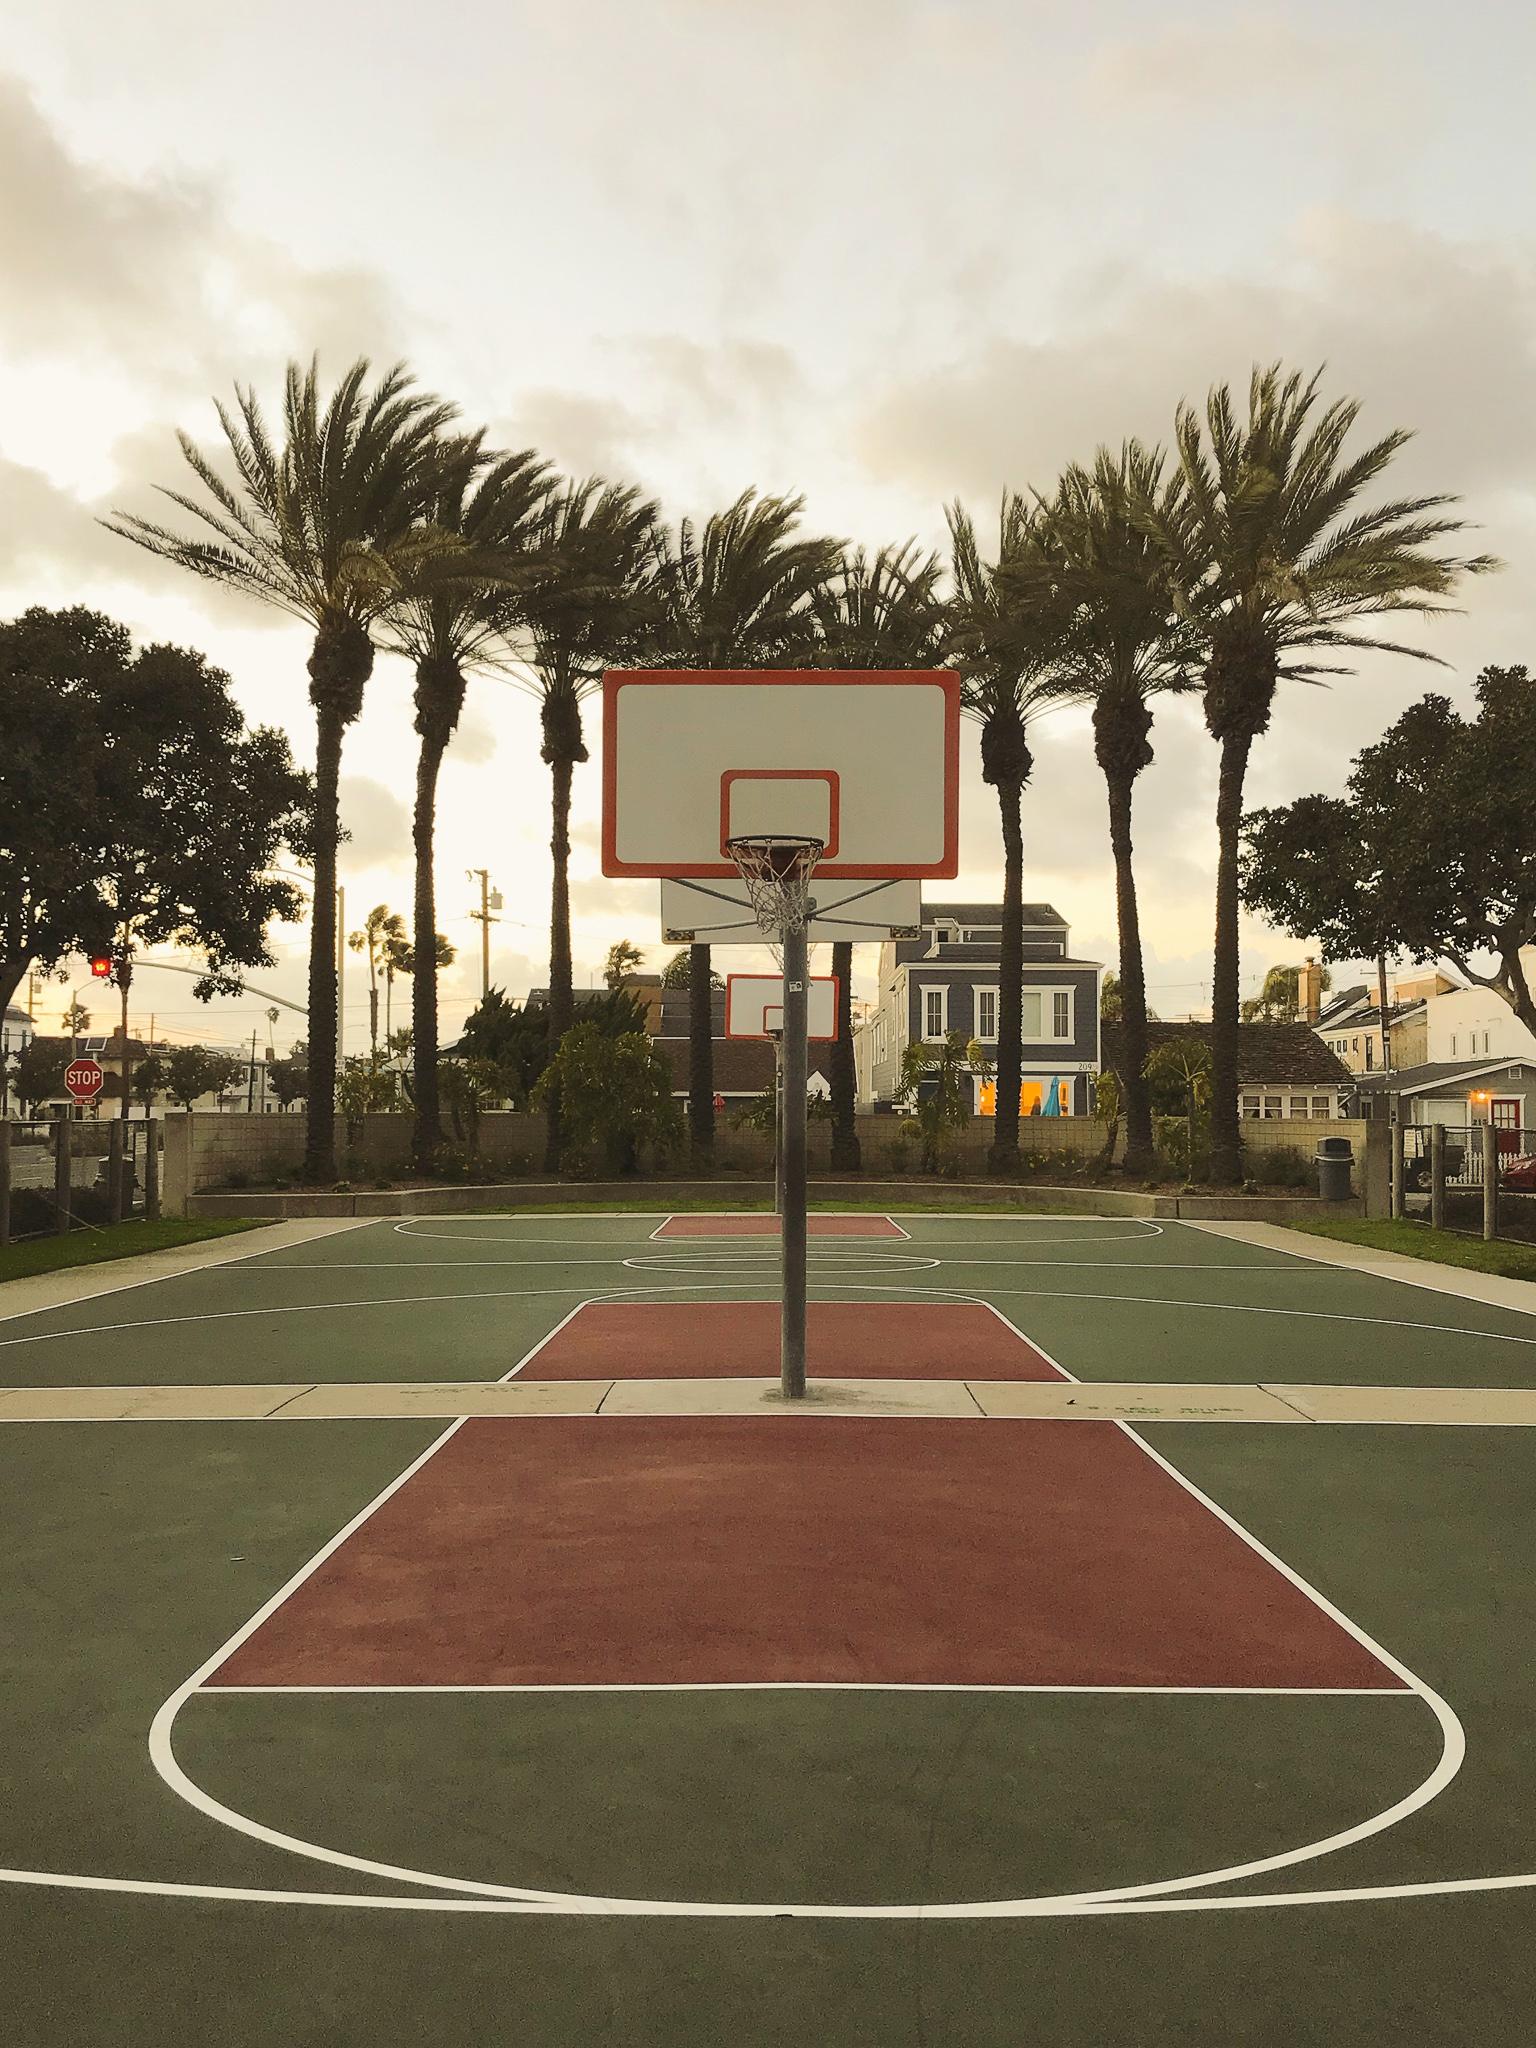 Outdoor basketball court in Newport Beach